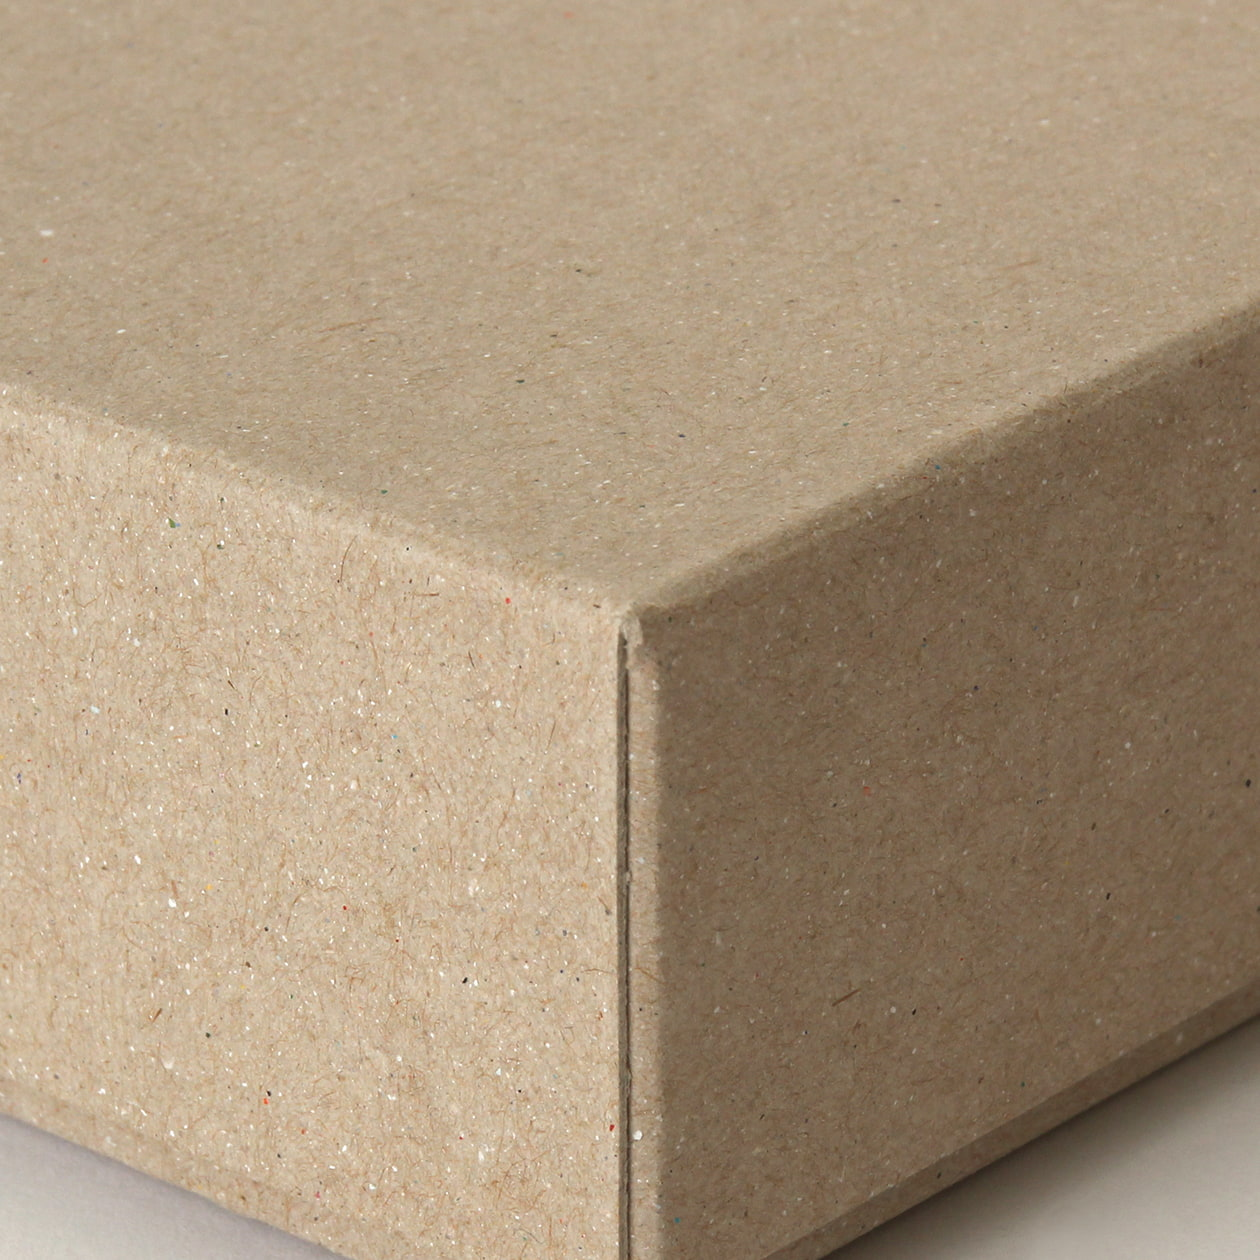 糊どめ箱 サイズM_4 ボード紙 サンド